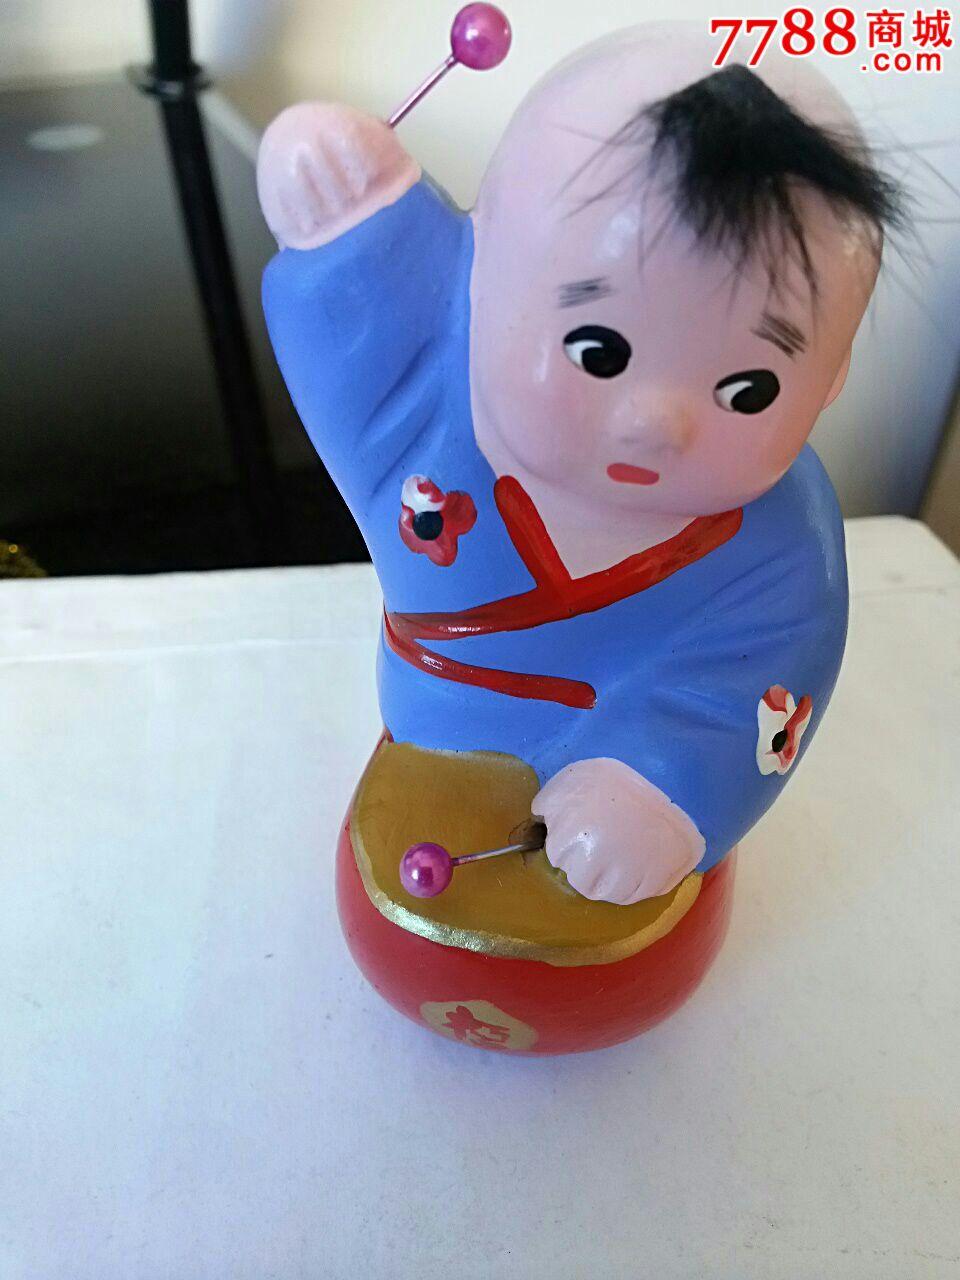 打鼓小男孩_价格18.0000元_第2张_7788收藏__中国收藏热线